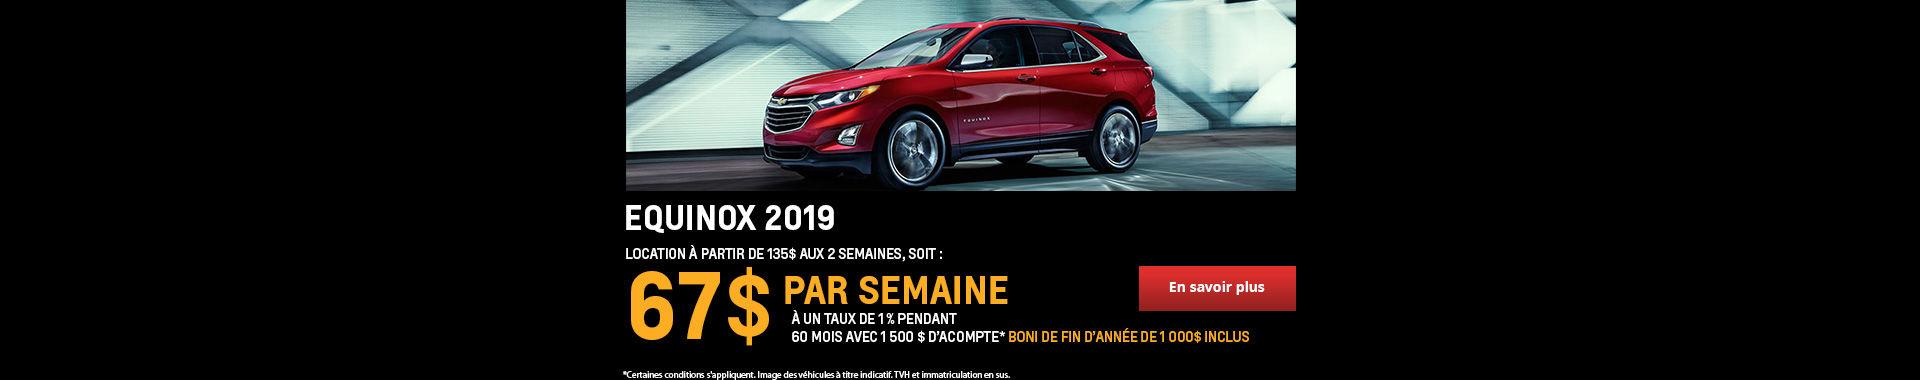 Chevrolet equinox 2019 - Header